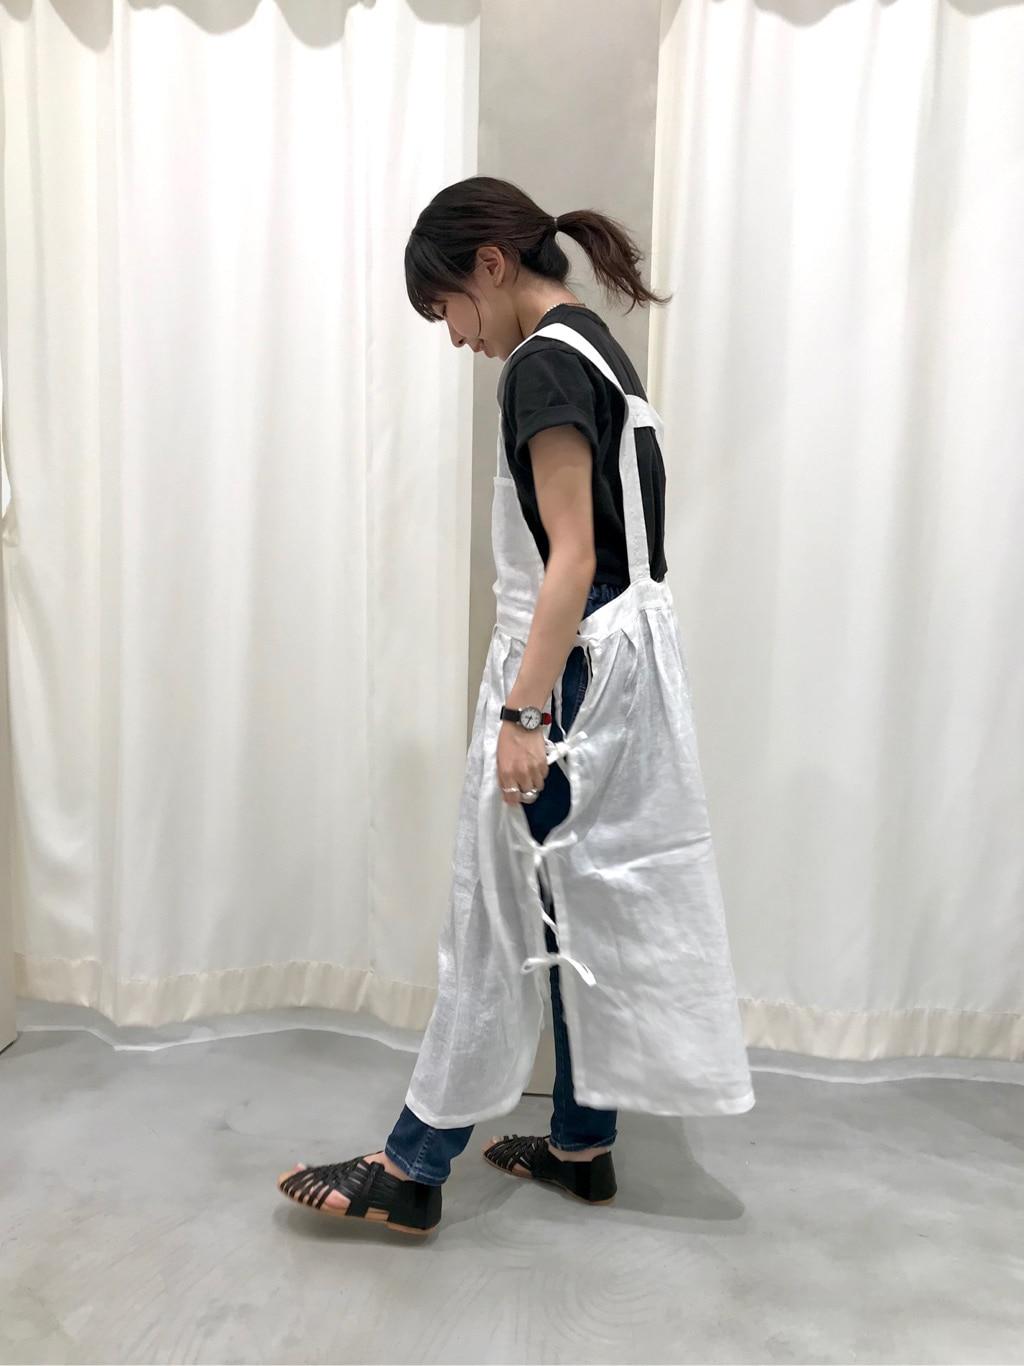 AMB SHOP PAR ICI CHILD WOMAN,PAR ICI ルミネ横浜 身長:154cm 2020.06.04